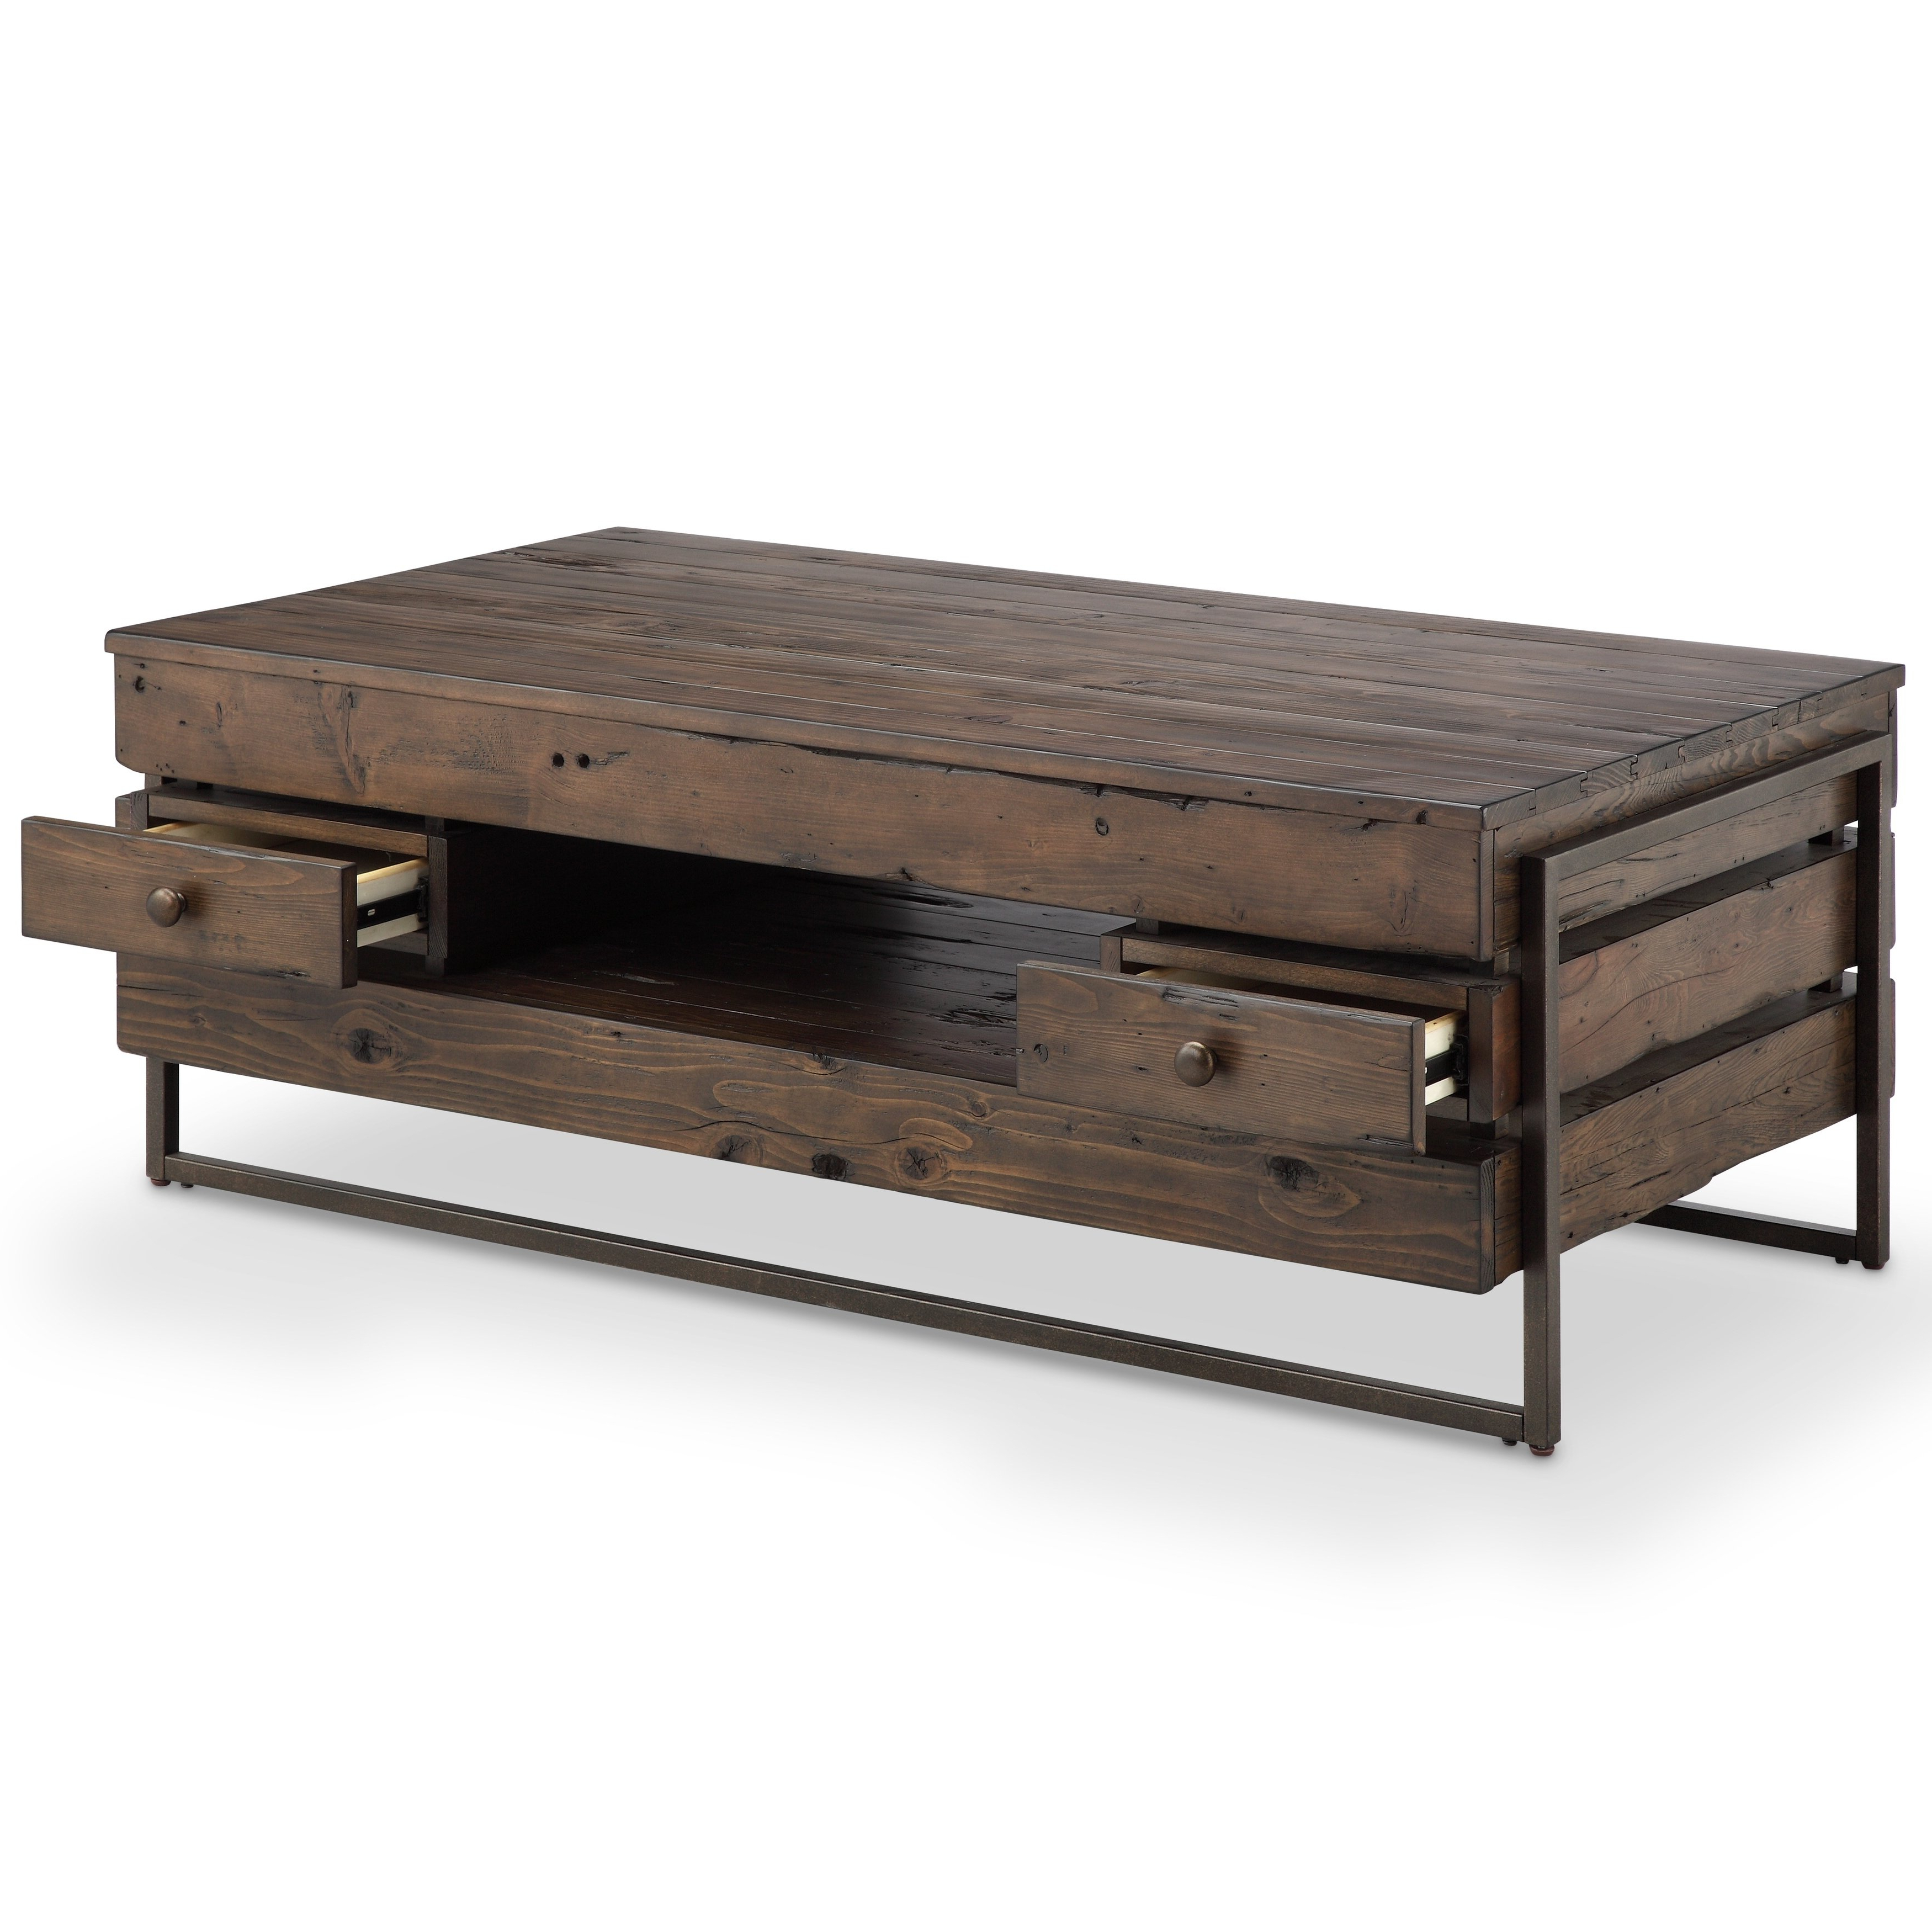 2018 Modern Rustic Coffee Tables Regarding Shop Kirkwood Modern Rustic Dark Whiskey Reclaimed Wood Coffee Table (Gallery 20 of 20)